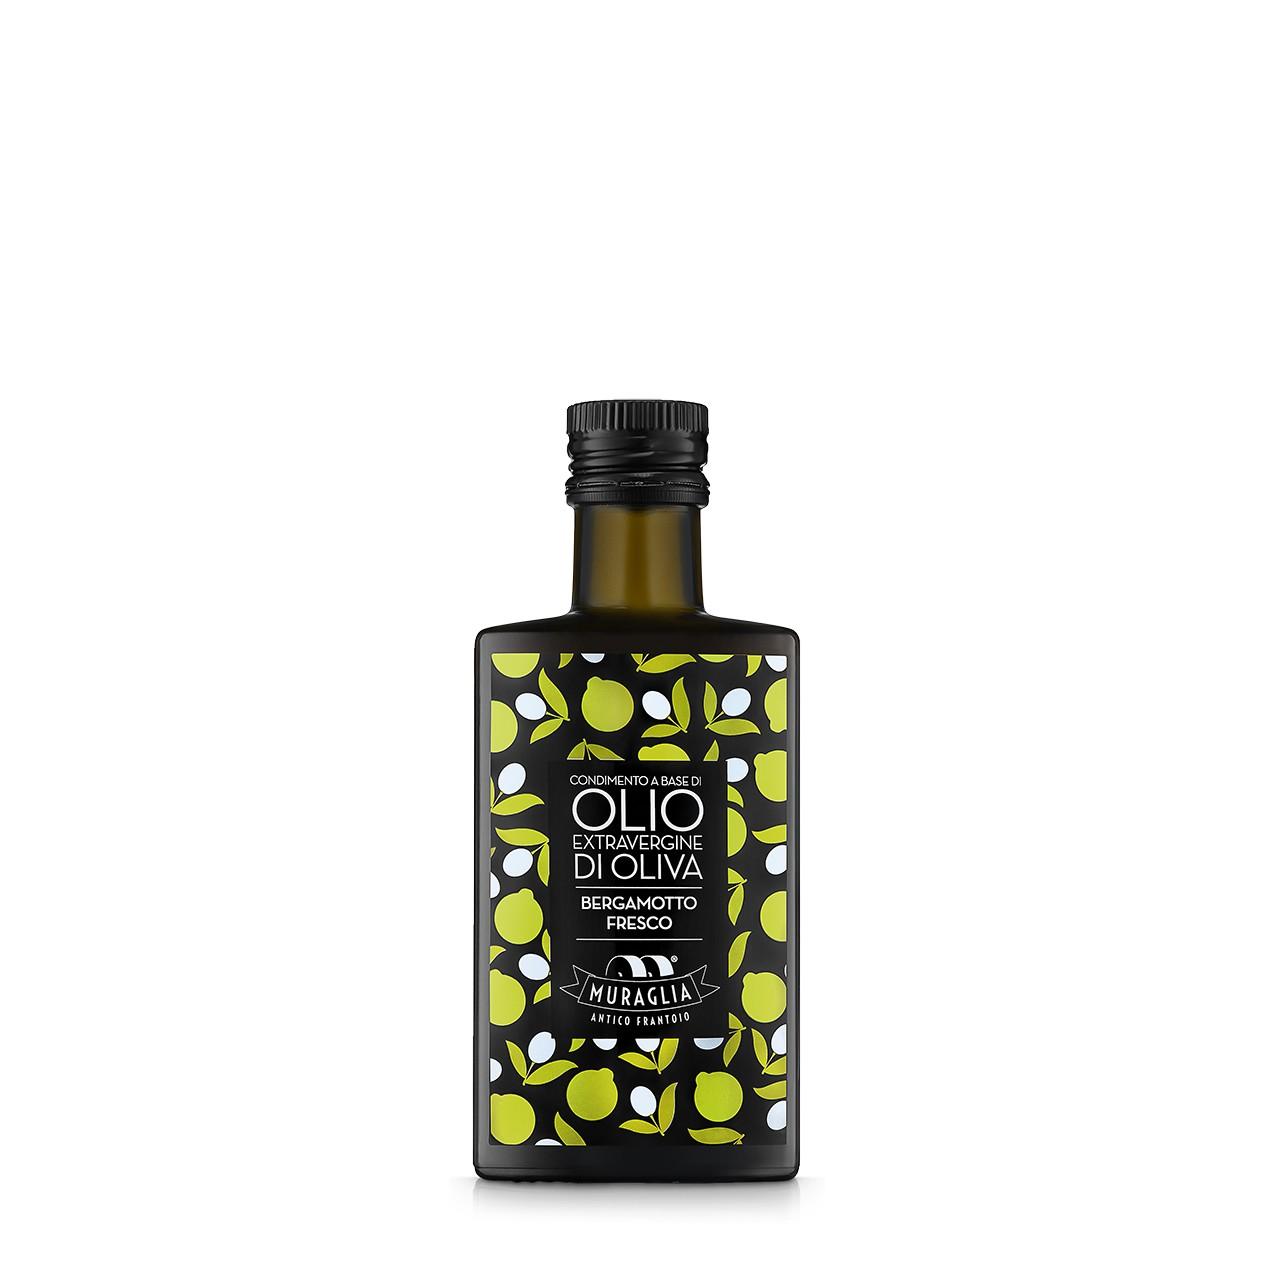 Bergamotto Fresco / Bergamotka Świeża Frantoio Muraglia oliwa smakowa 200 ml